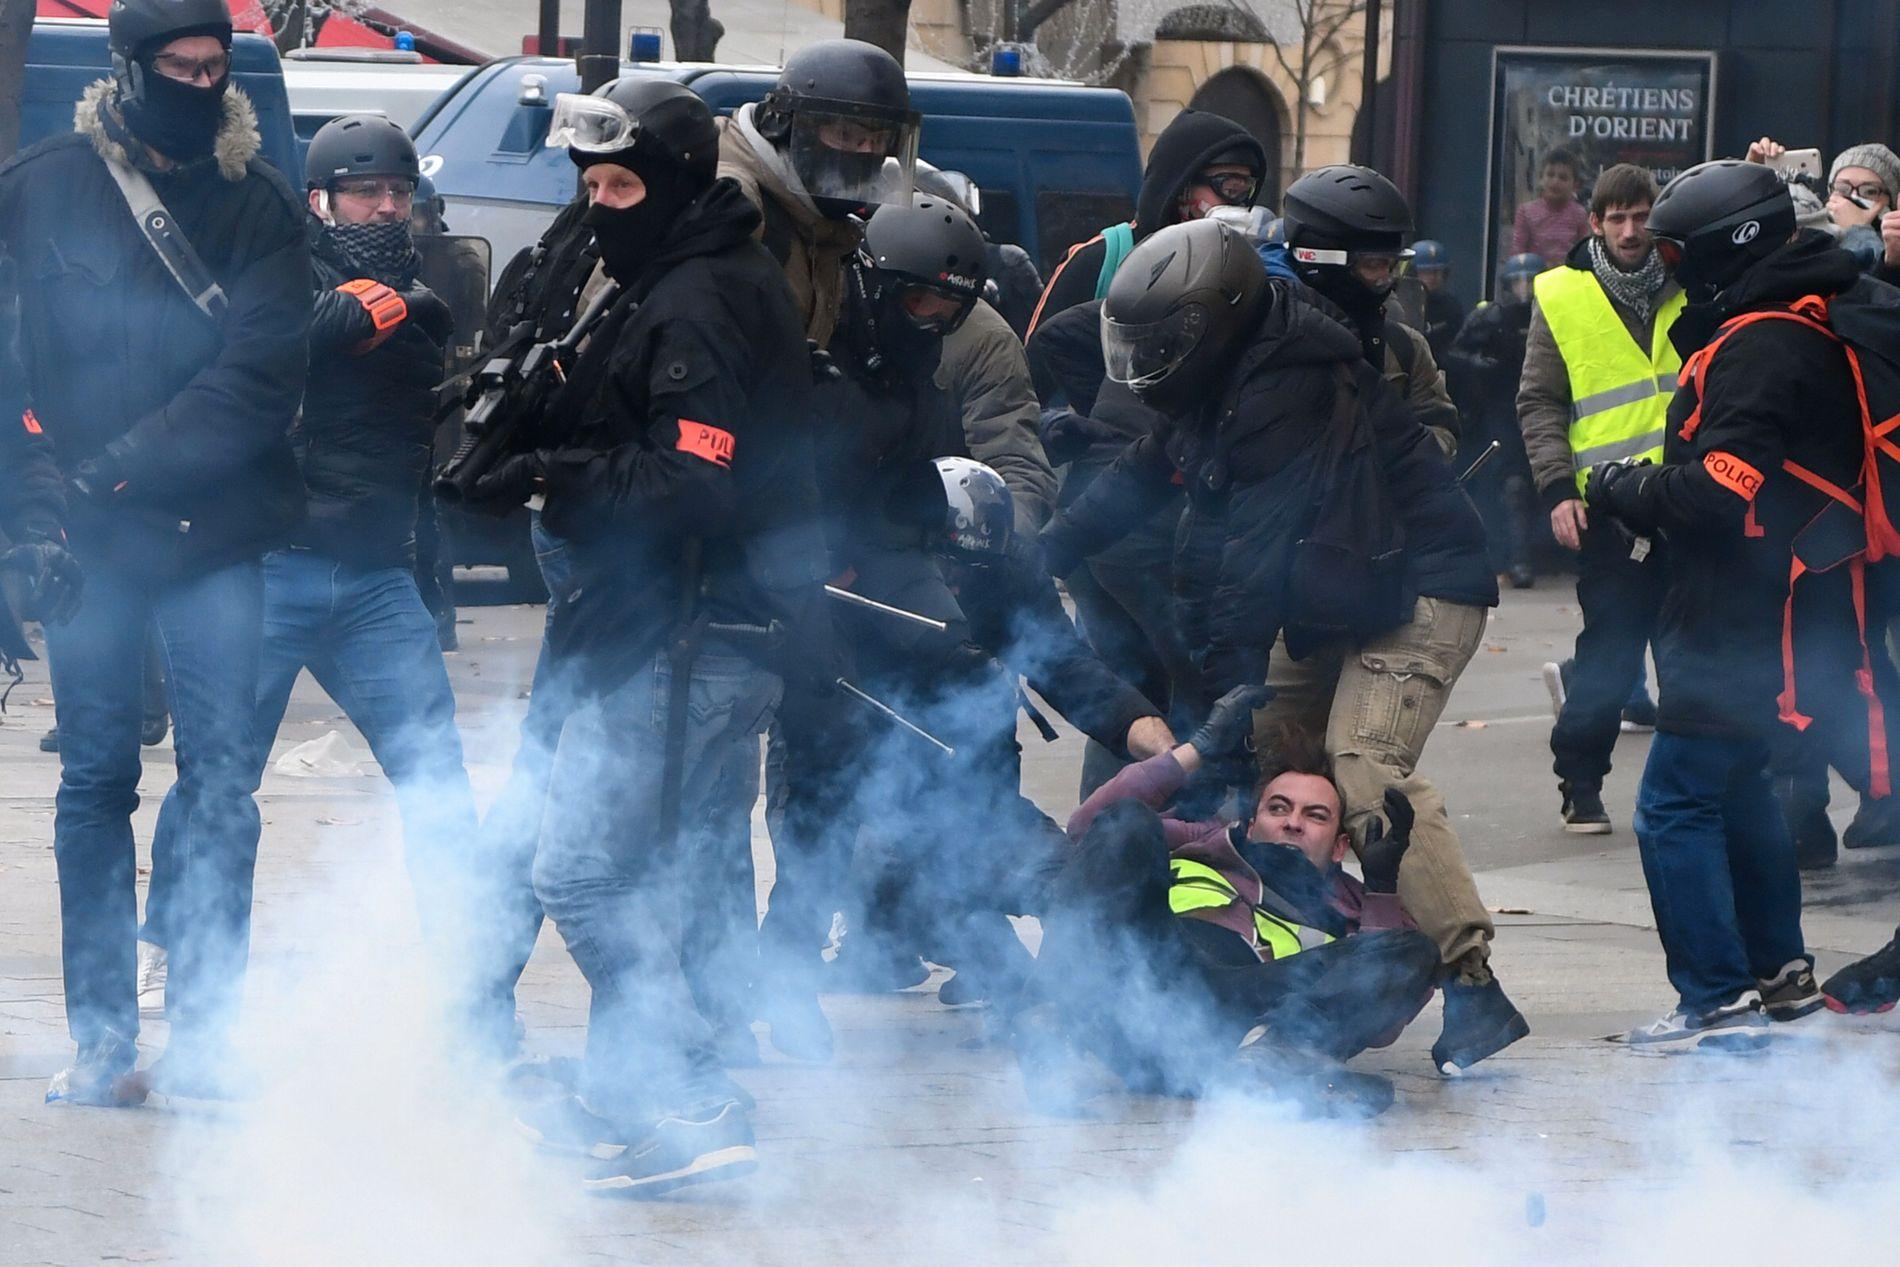 HARDT MOT HARDT: Demonstranter og politifolk har barket sammen flere helger på rad. Dette bildet er fra paradegaten Champs Elysees i Paris lørdag 8. desember.